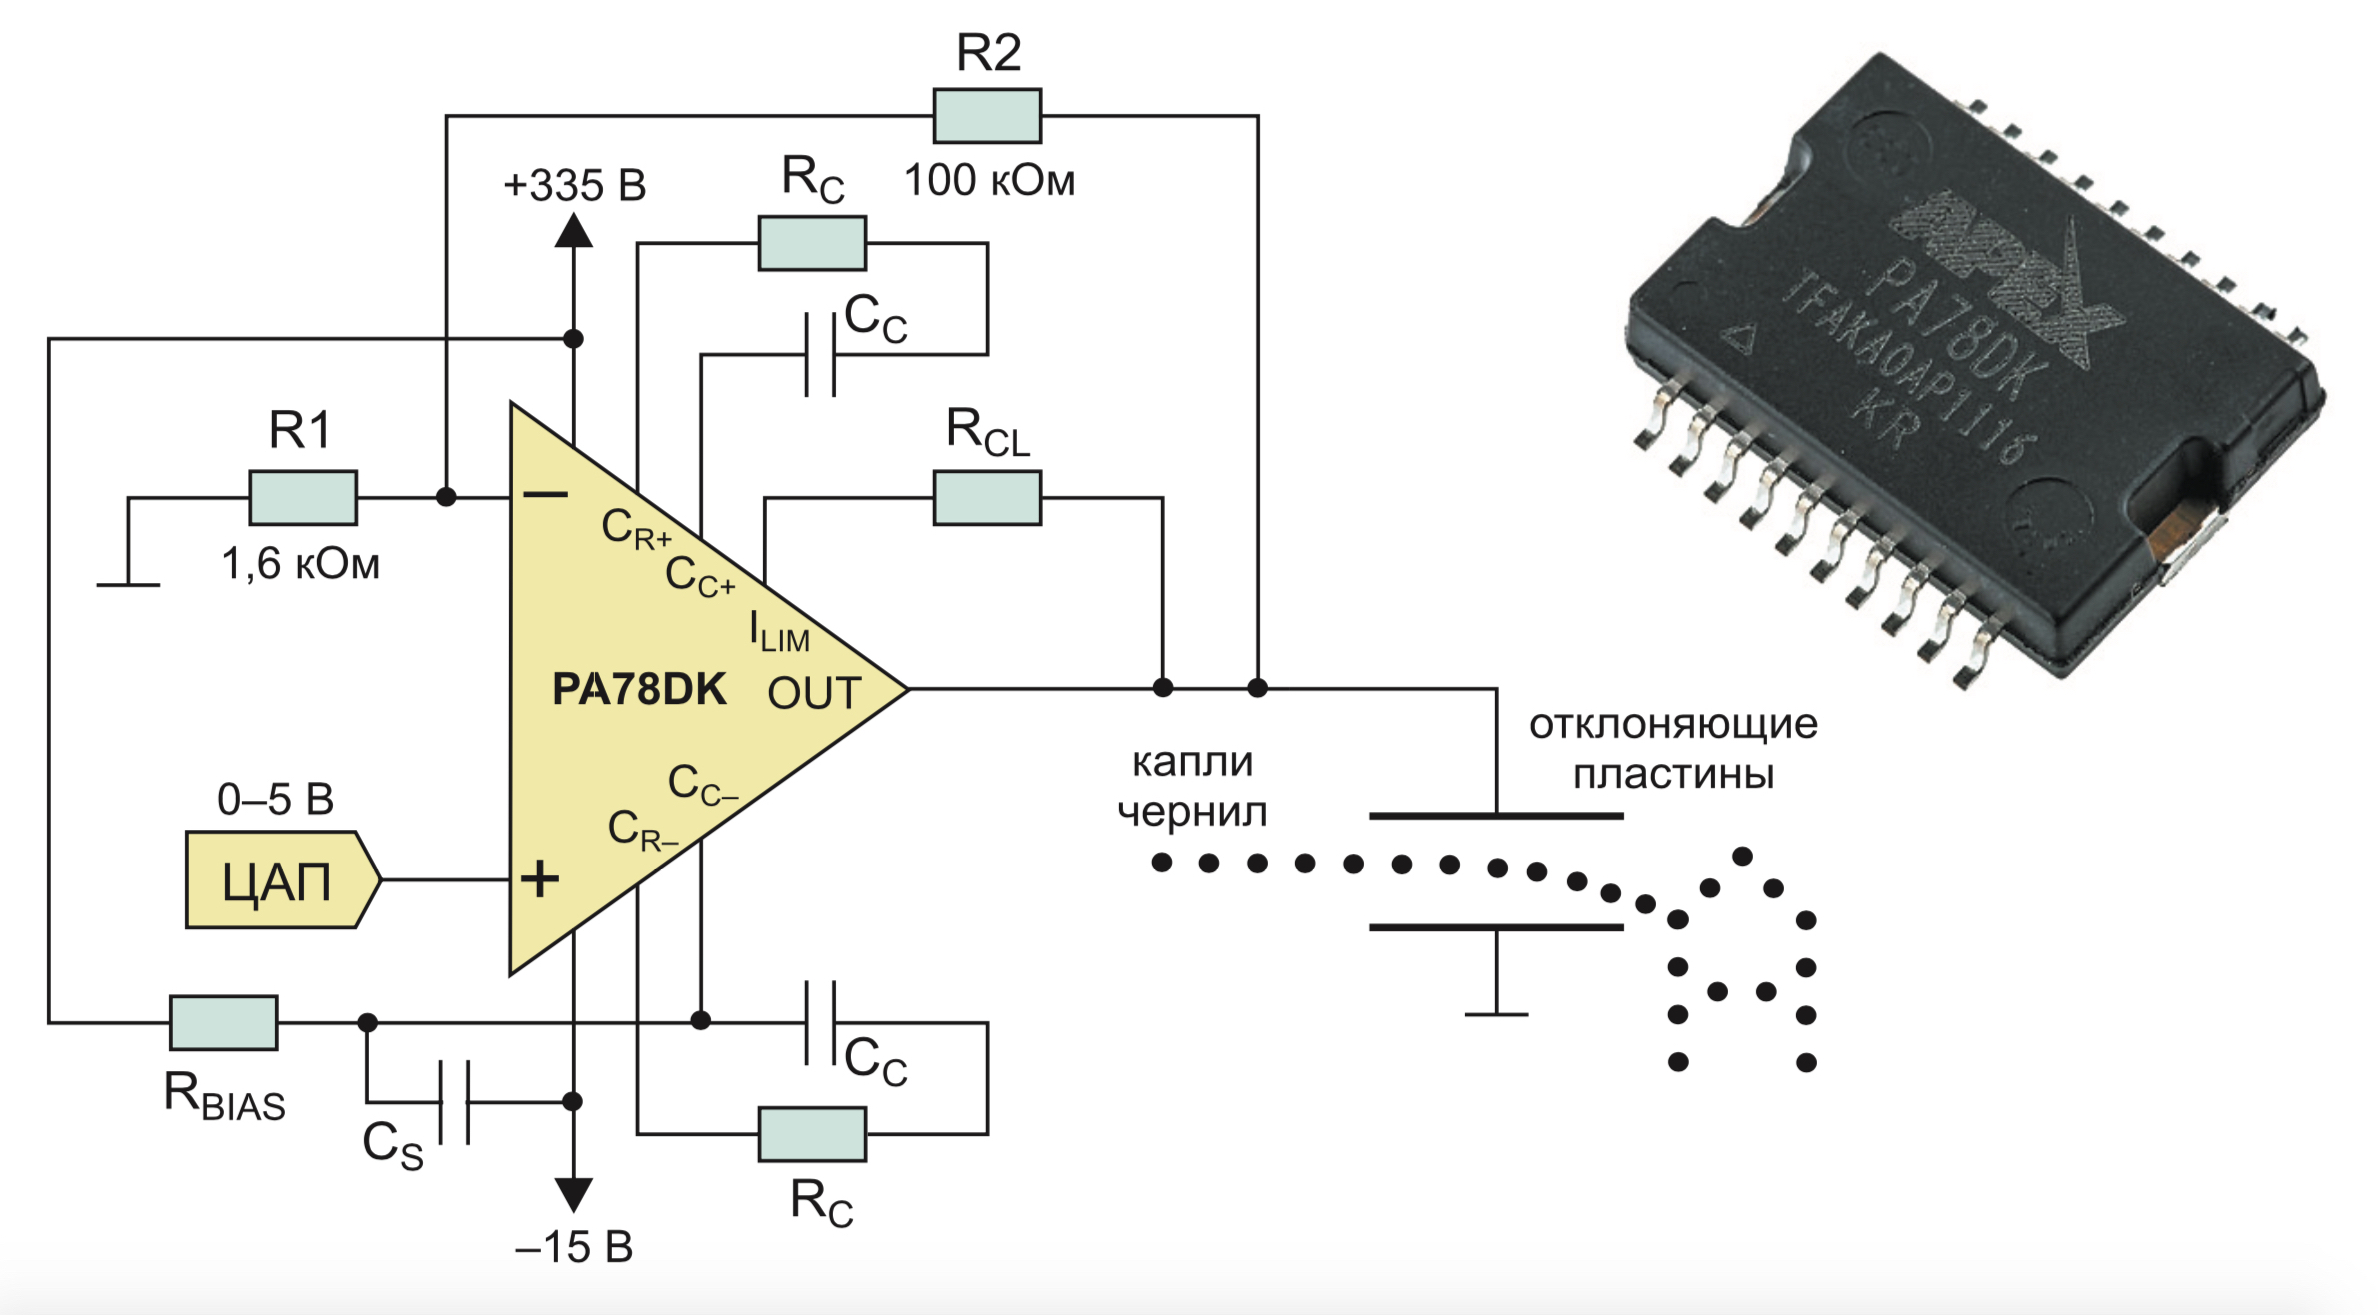 Схема применения усилителя PA78DK и его внешний вид